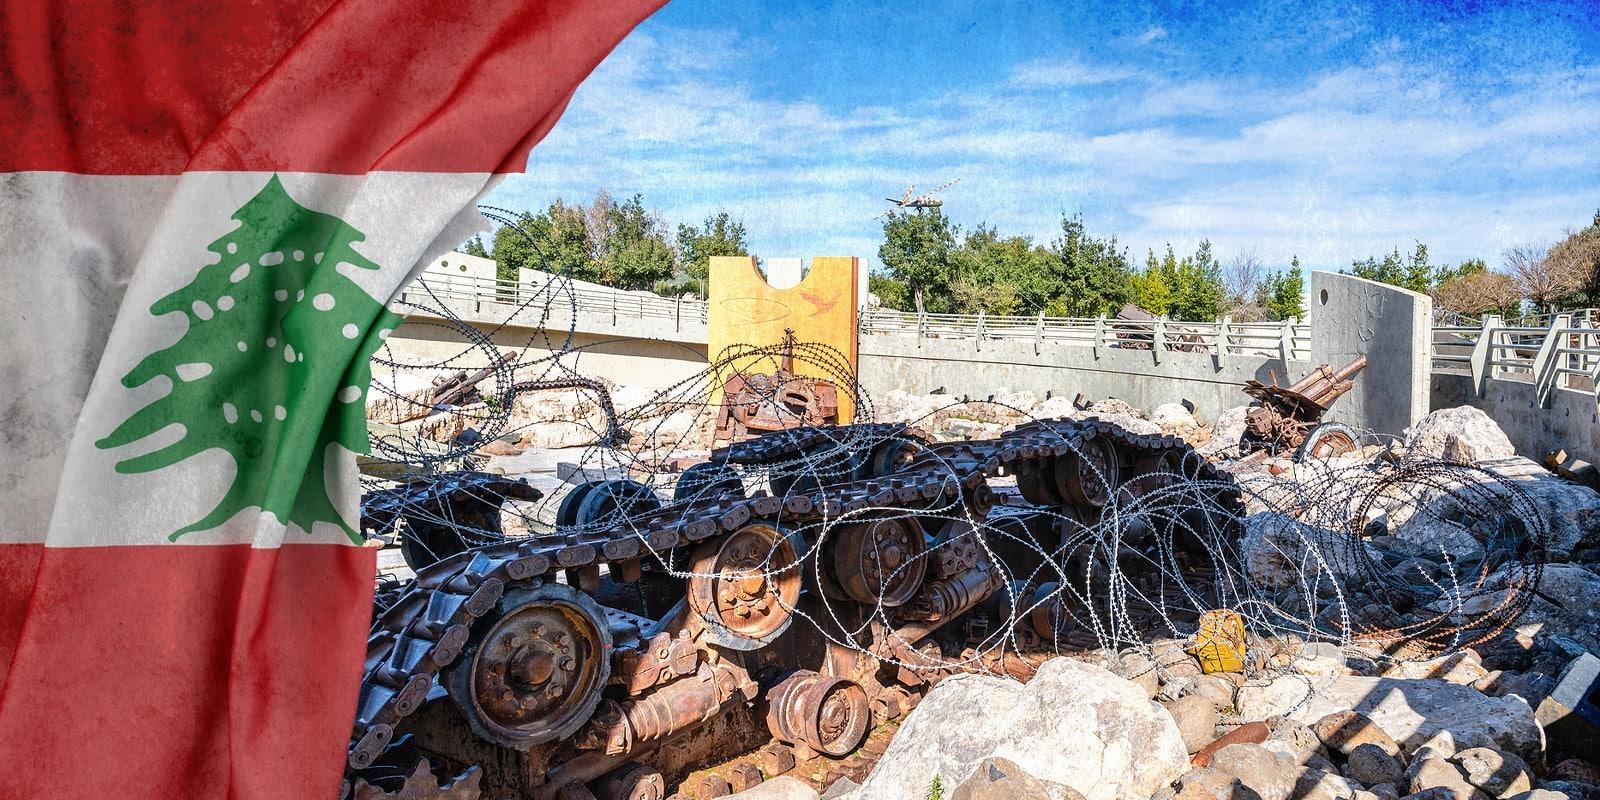 Hezbollah equipment and Lebanon flag illustration